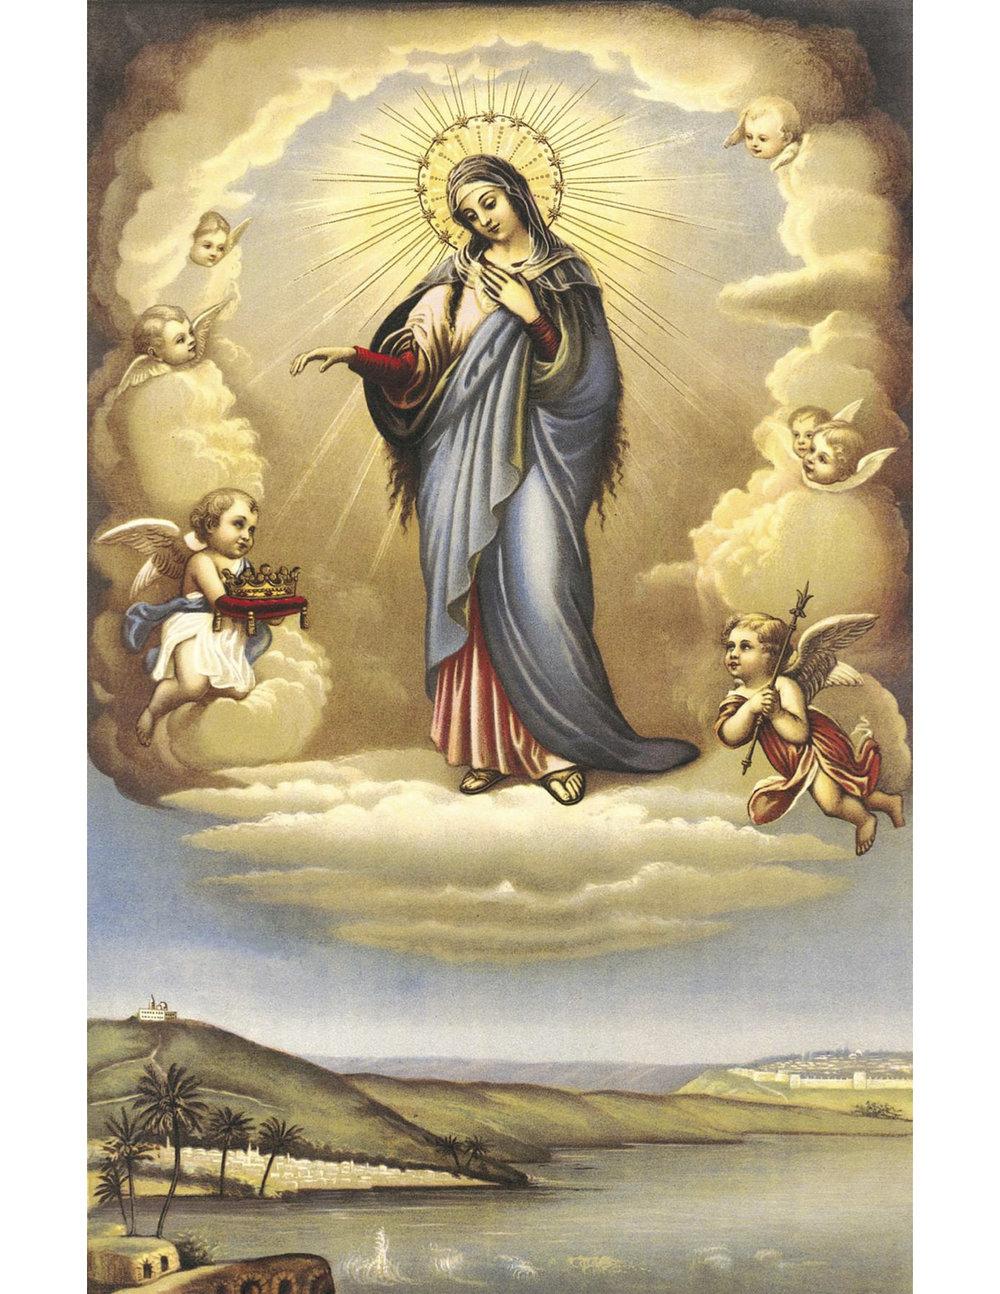 LA BIENHEUREUSE MARIE, REINE DE LA PALESTINE -PATRONNE DE L'ORDRE - FÊTE LE 25 OCTOBREÉcritE en 1926 par le Patriarche latin de Jérusalem, Mgr Luigi Barlassina. - Ô Marie Immaculée, gracieuse Reine du Ciel et de la Terre, nous voici prosternés à vos pieds, assurés de votre bonté et confiants en votre puissance. Nous vous supplions de jeter un regard de bonté sur la Terre de Palestine, qui, plus que tout autre pays, vous appartient, puisque vous l'avez honorée par votre naissance, vos vertus et vos douleurs, et c'est là que vous nous avez donné le Sauveur du Monde. Souvenez-vous que vous y fûtes constituée notre Mère et la dispensatrice des grâces. Daignez accorder votre protection spéciale à votre Patrie de la terre, y dissiper les ténèbres de l'erreur, pour que, sur elle, resplendisse le soleil de l'éternelle justice et que s'accomplisse la promesse, tombée des lèvres de votre divin Fils, de former un seul troupeau sous la conduite d'un seul Pasteur. Obtenez-nous de servir le Seigneur, dans la justice et la sainteté, chaque jour de notre vie, afin que, par les mérites de Jésus, et avec votre maternelle protection, nous puissions passer de la Jérusalem terrestre aux splendeurs de la Jérusalem céleste. Amen.